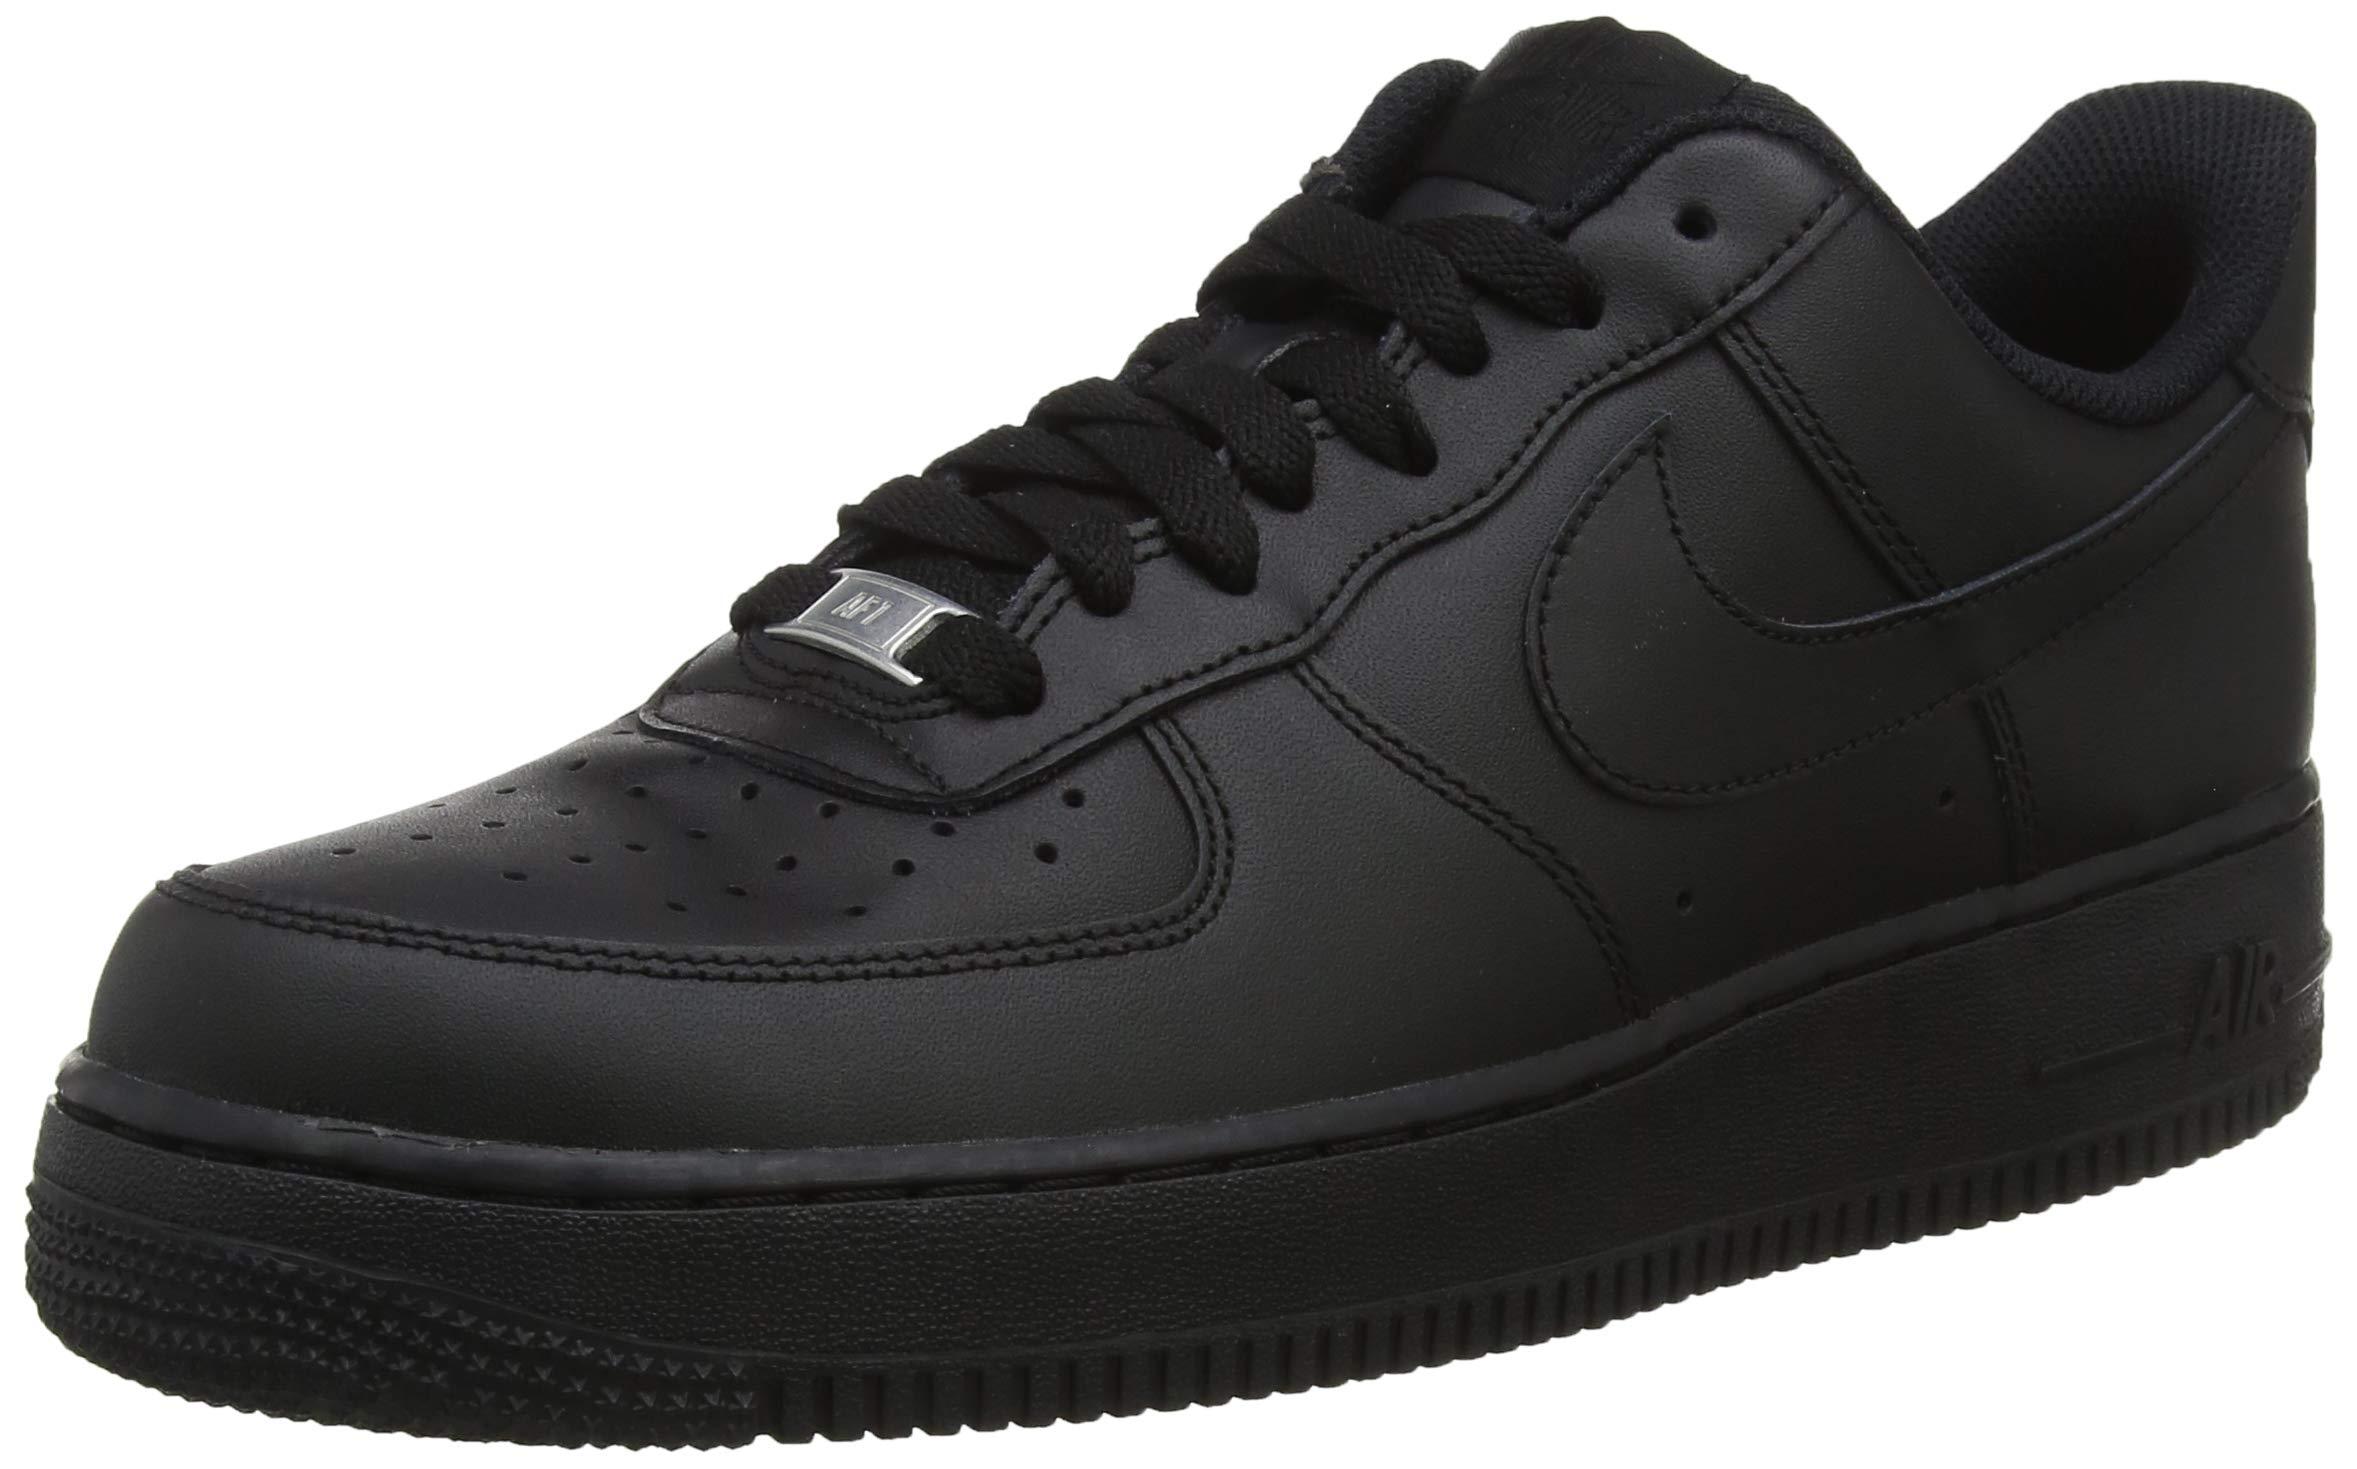 wholesale dealer 2a2a0 f0074 Nike Air Force 1 07 , Scarpe da Ginnastica Basse Donna